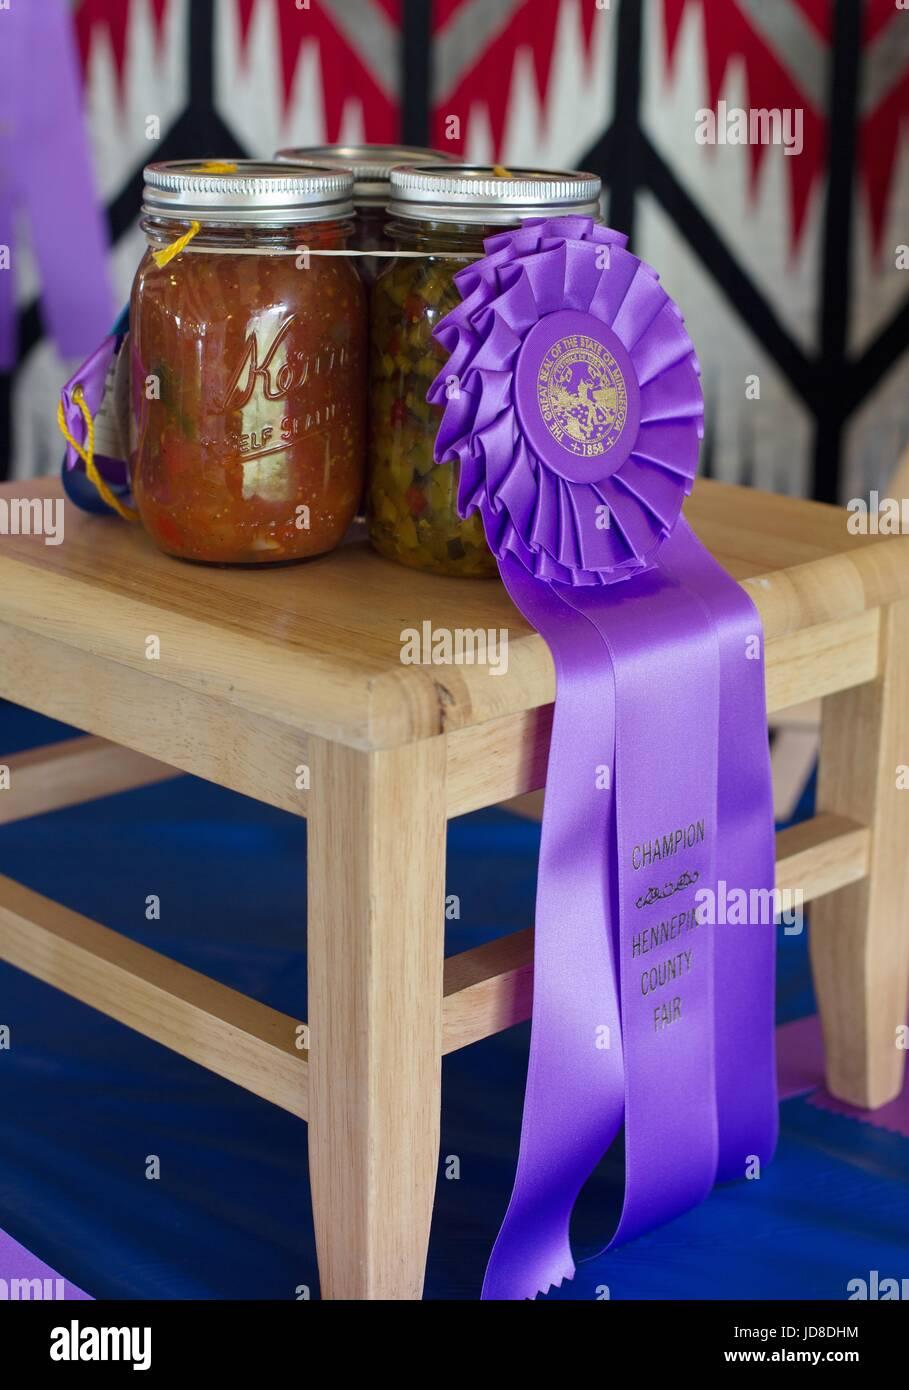 County Fair Stock Photos & County Fair Stock Images - Alamy